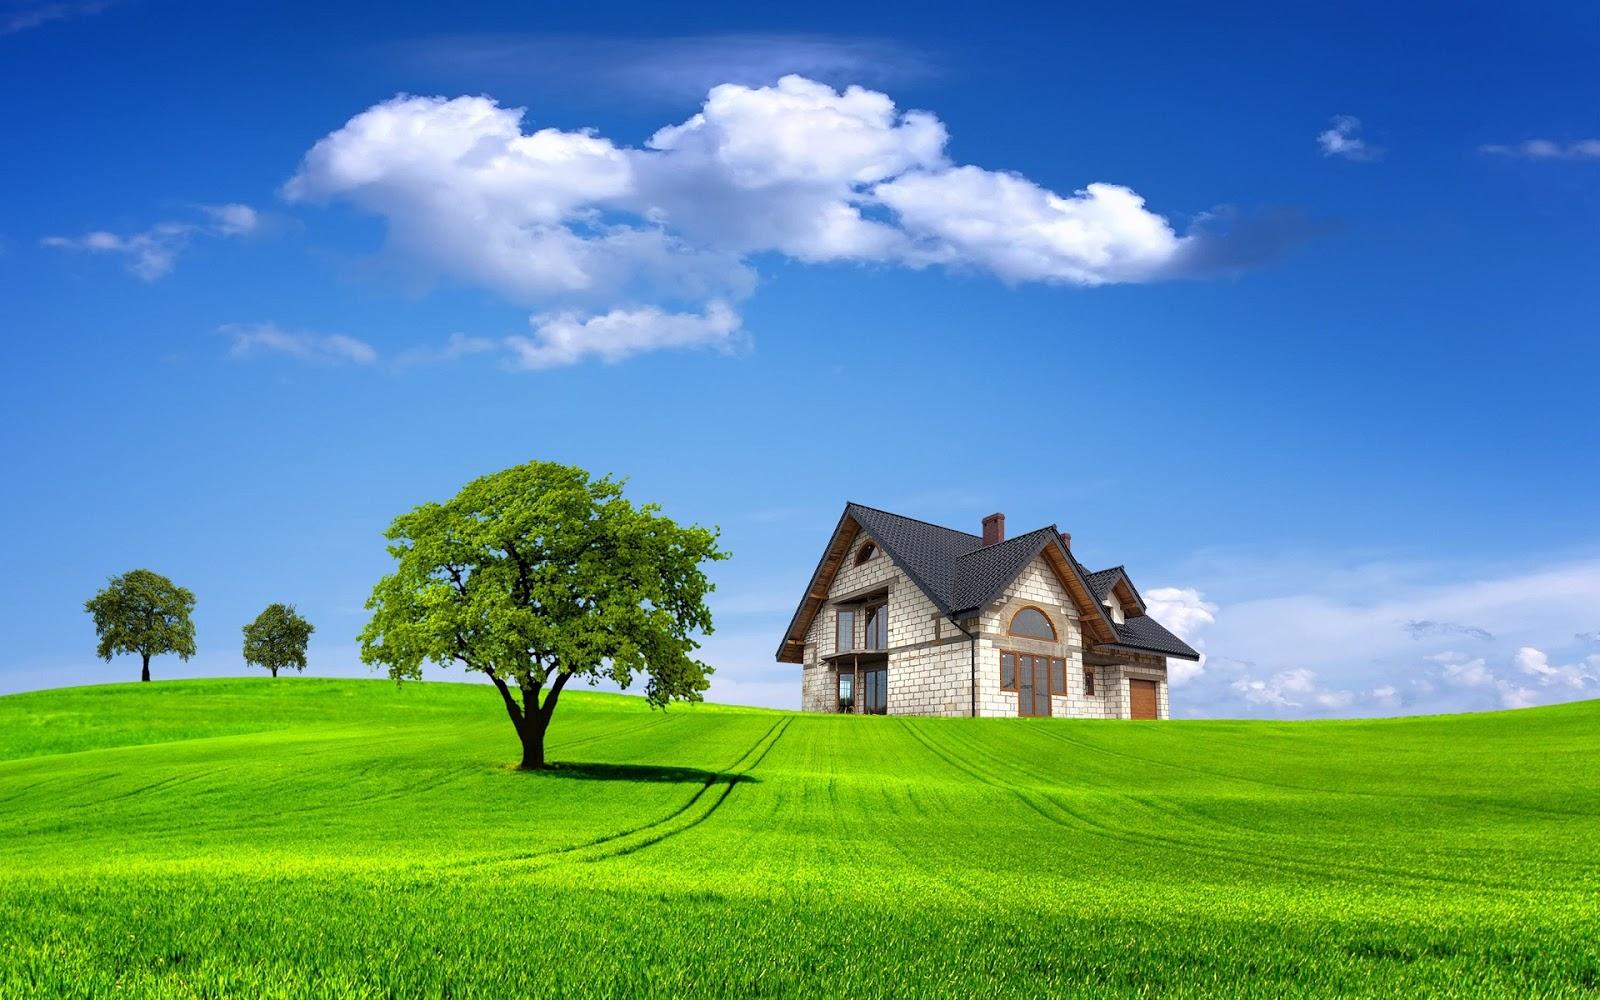 Hình nền máu tính thiên nhiên thảm cỏ xanh ngôi nhà lợp ngói